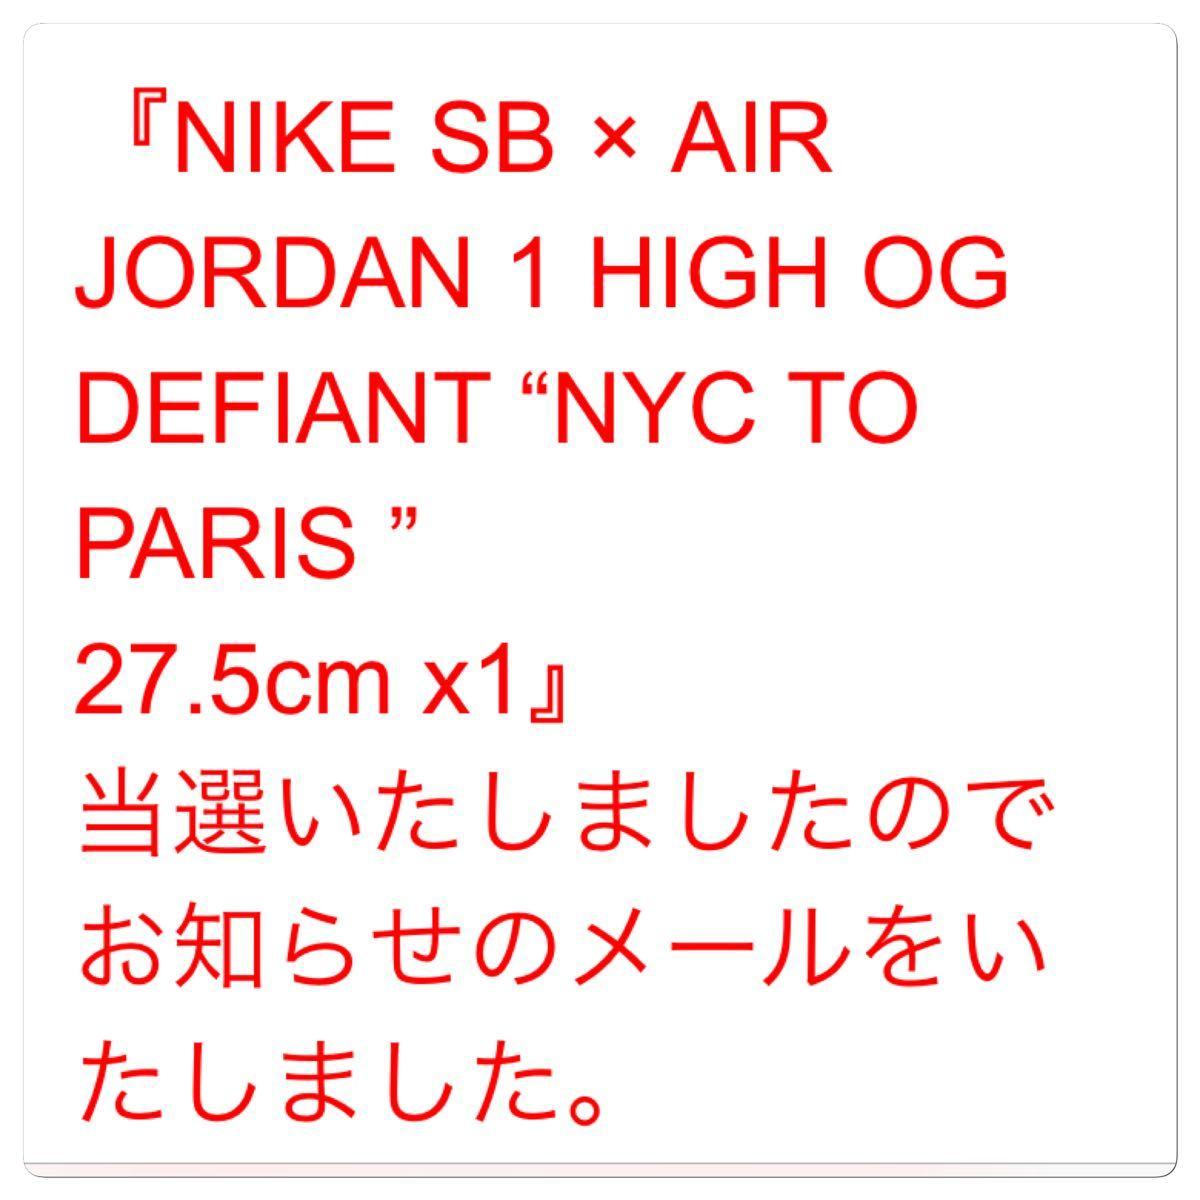 """【新品未使用】NIKE SB × AIR JORDAN 1 HIGH OG DEFIANT """"NYC TO PARIS """" 27.5cm LIGHT BONE ナイキ エアジョーダン当選 US9.5_画像3"""